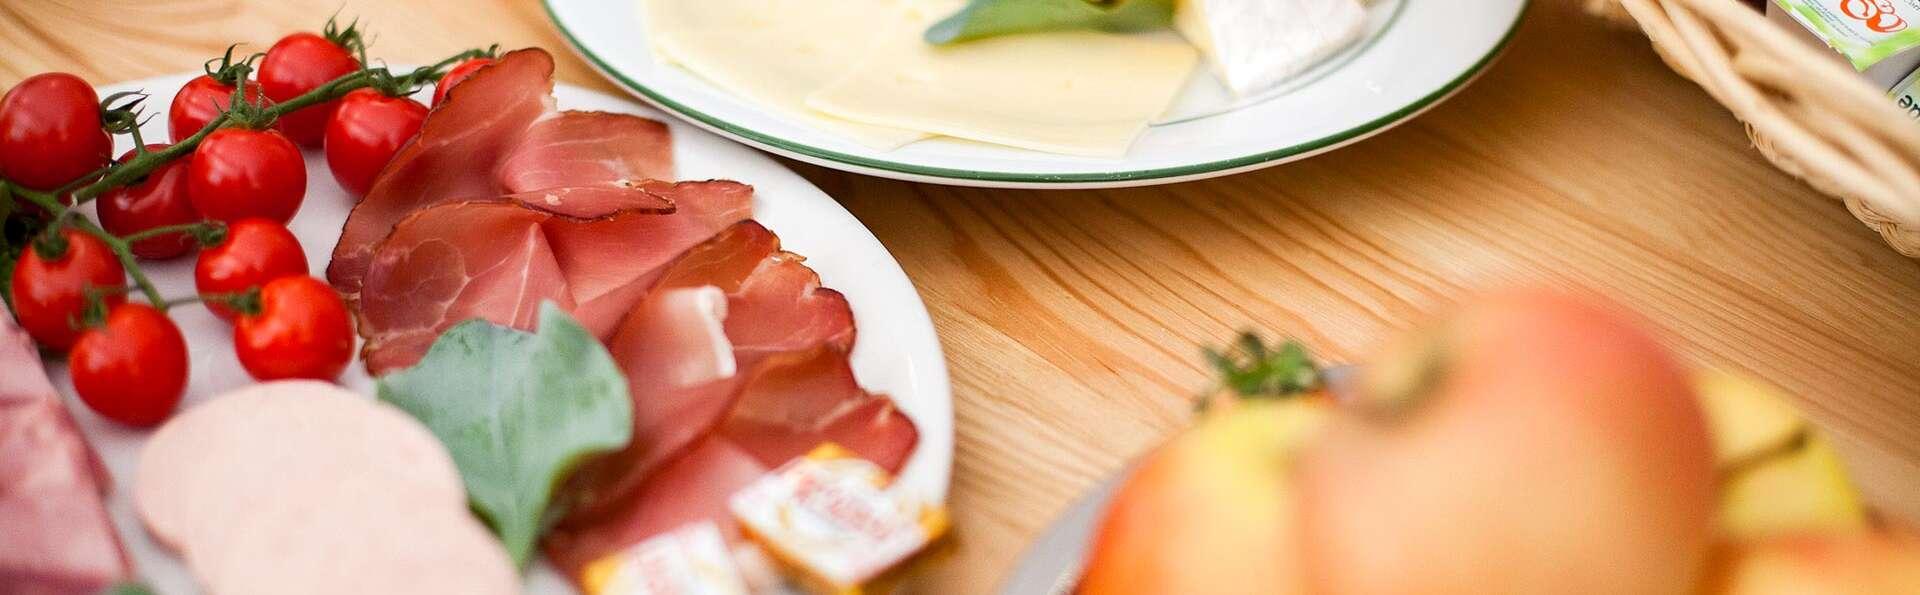 Séjour gourmand en Alsace (jusqu'à 2 personnes)